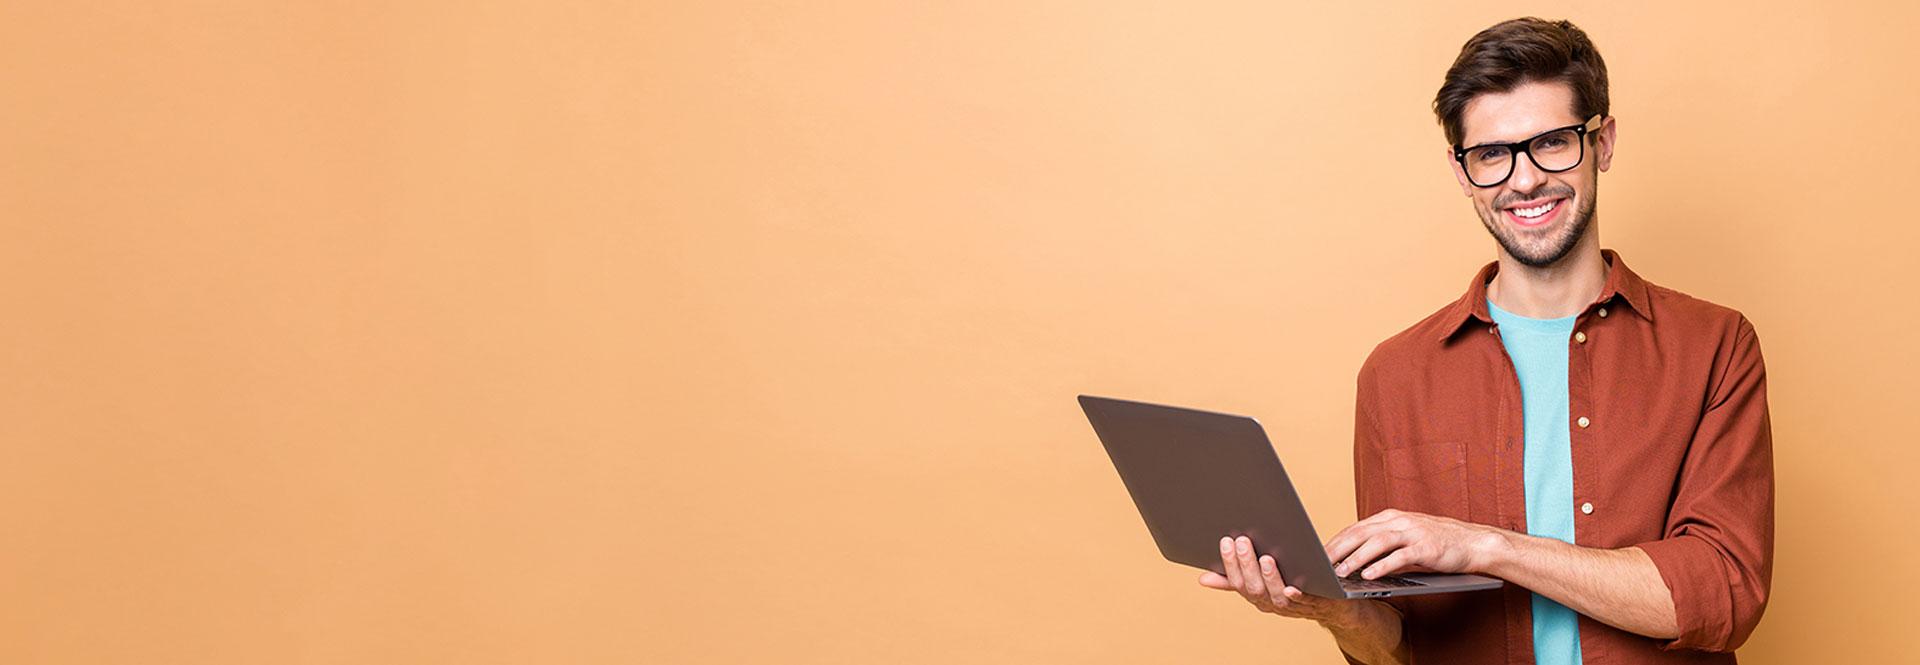 Ανάπτυξη στην Ψηφιακή Οικονομία